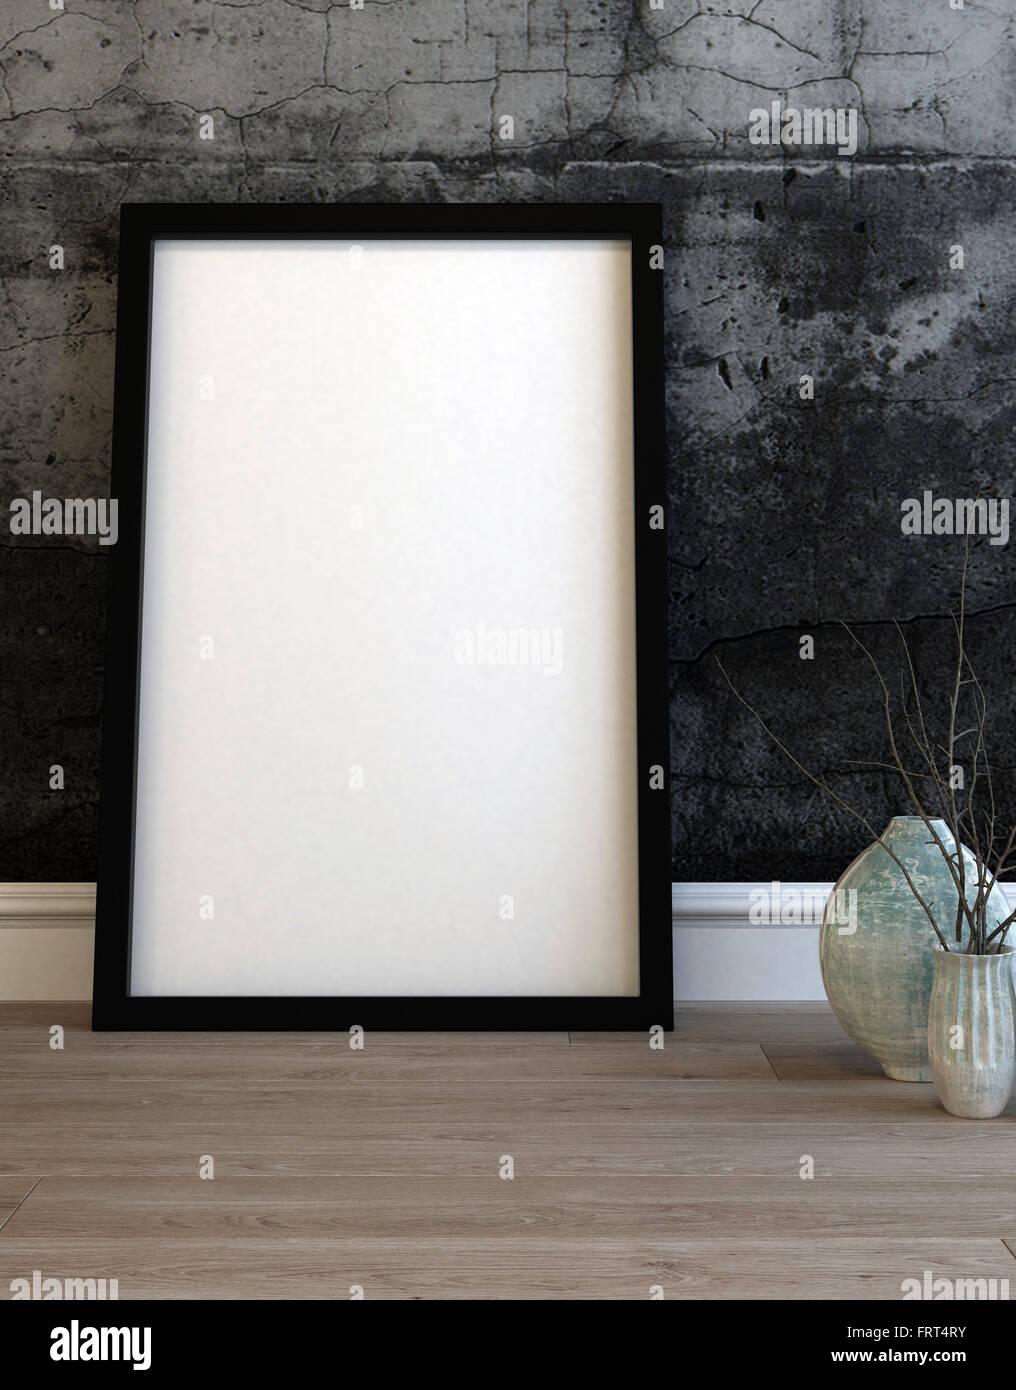 Großen leeren schwarzen Bilderrahmen stützte sich auf eine moderne ...